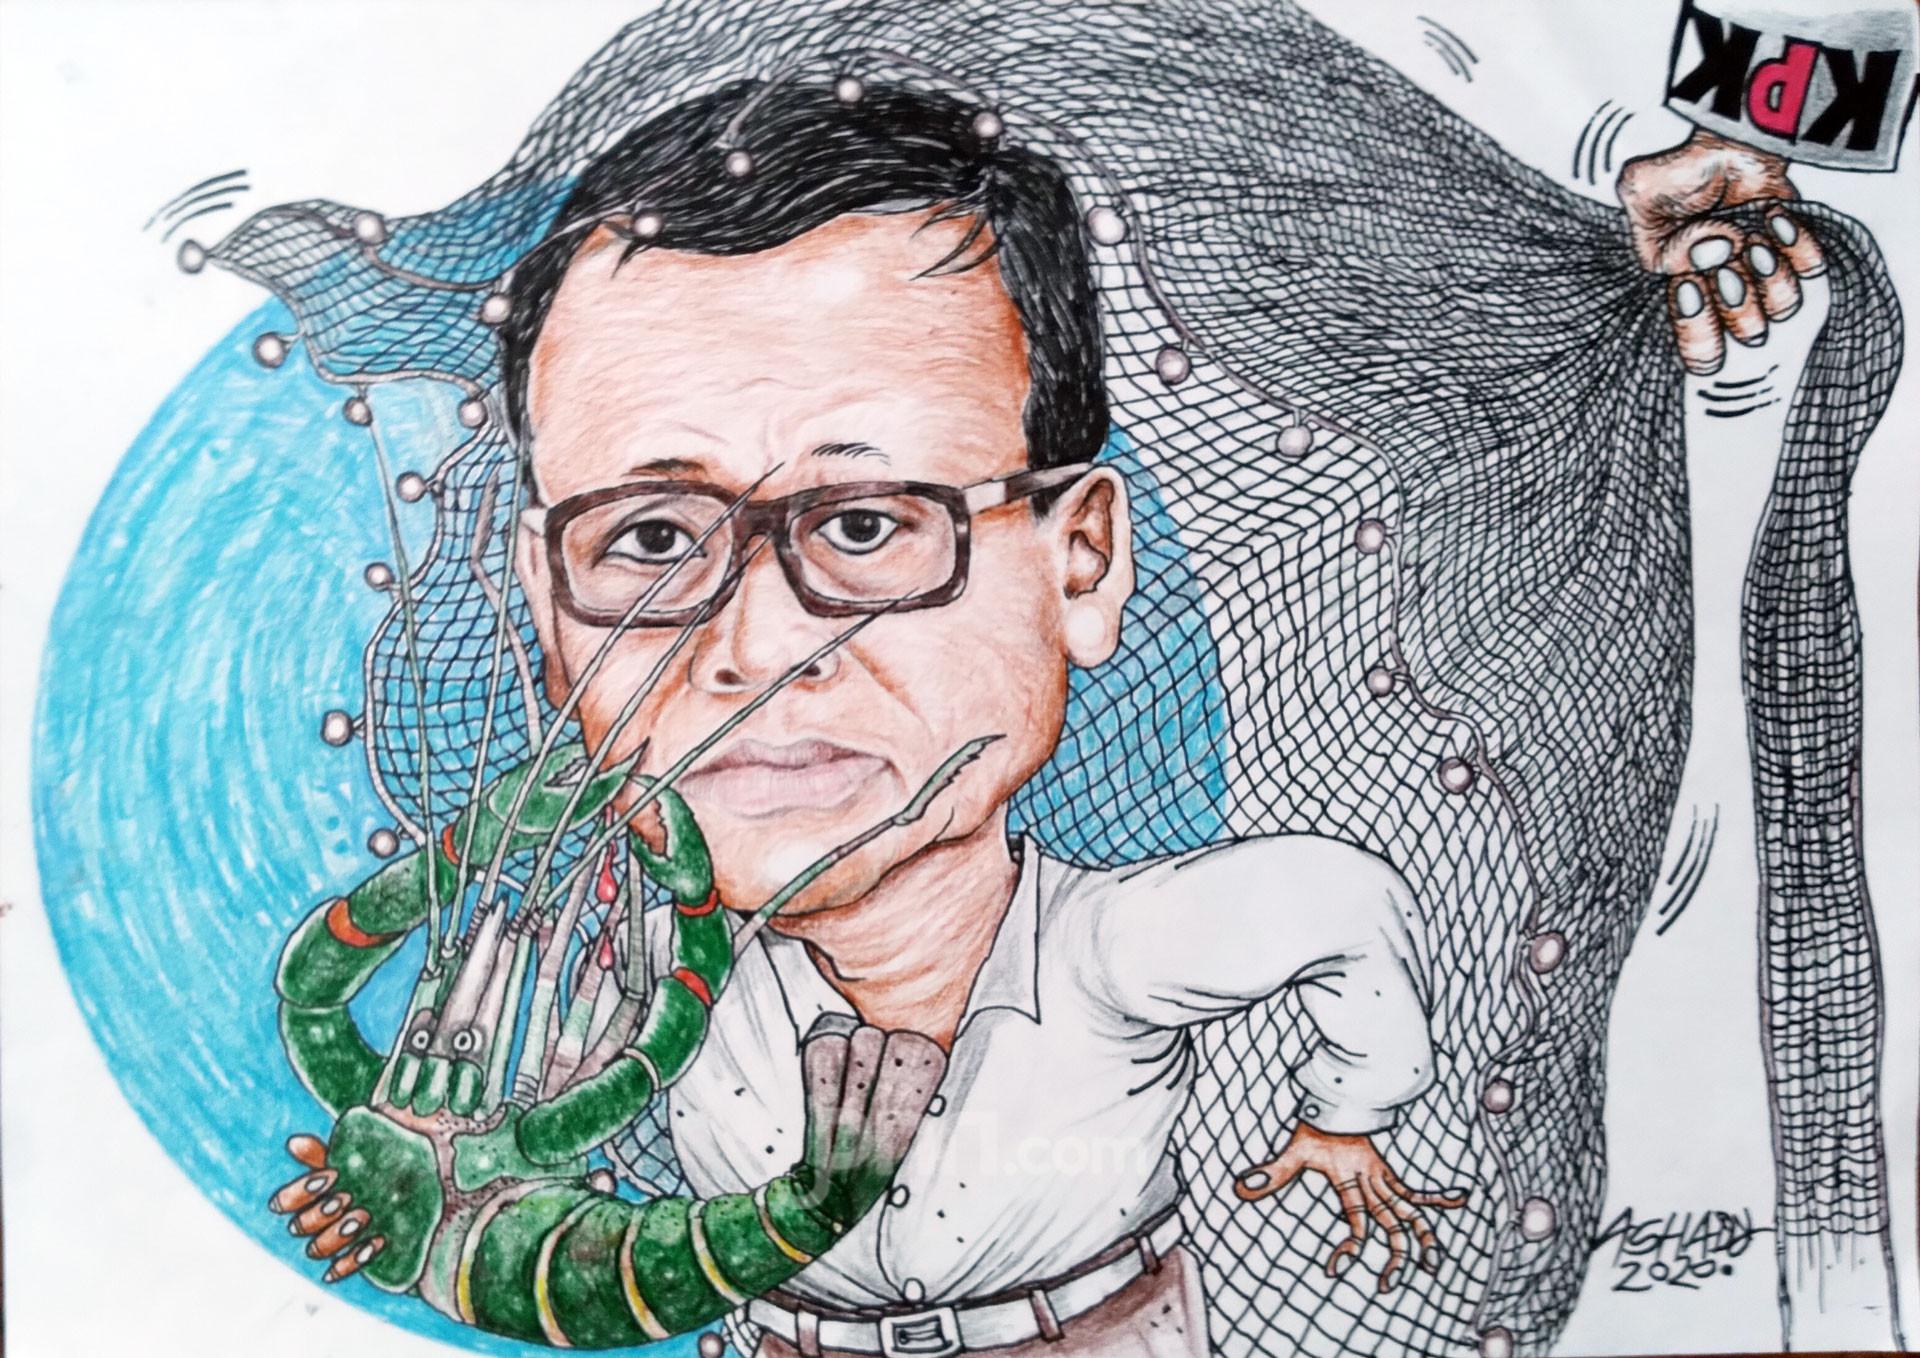 Operasi Tangkap Menteri. Karikatur oleh Ashady - JPNN.com